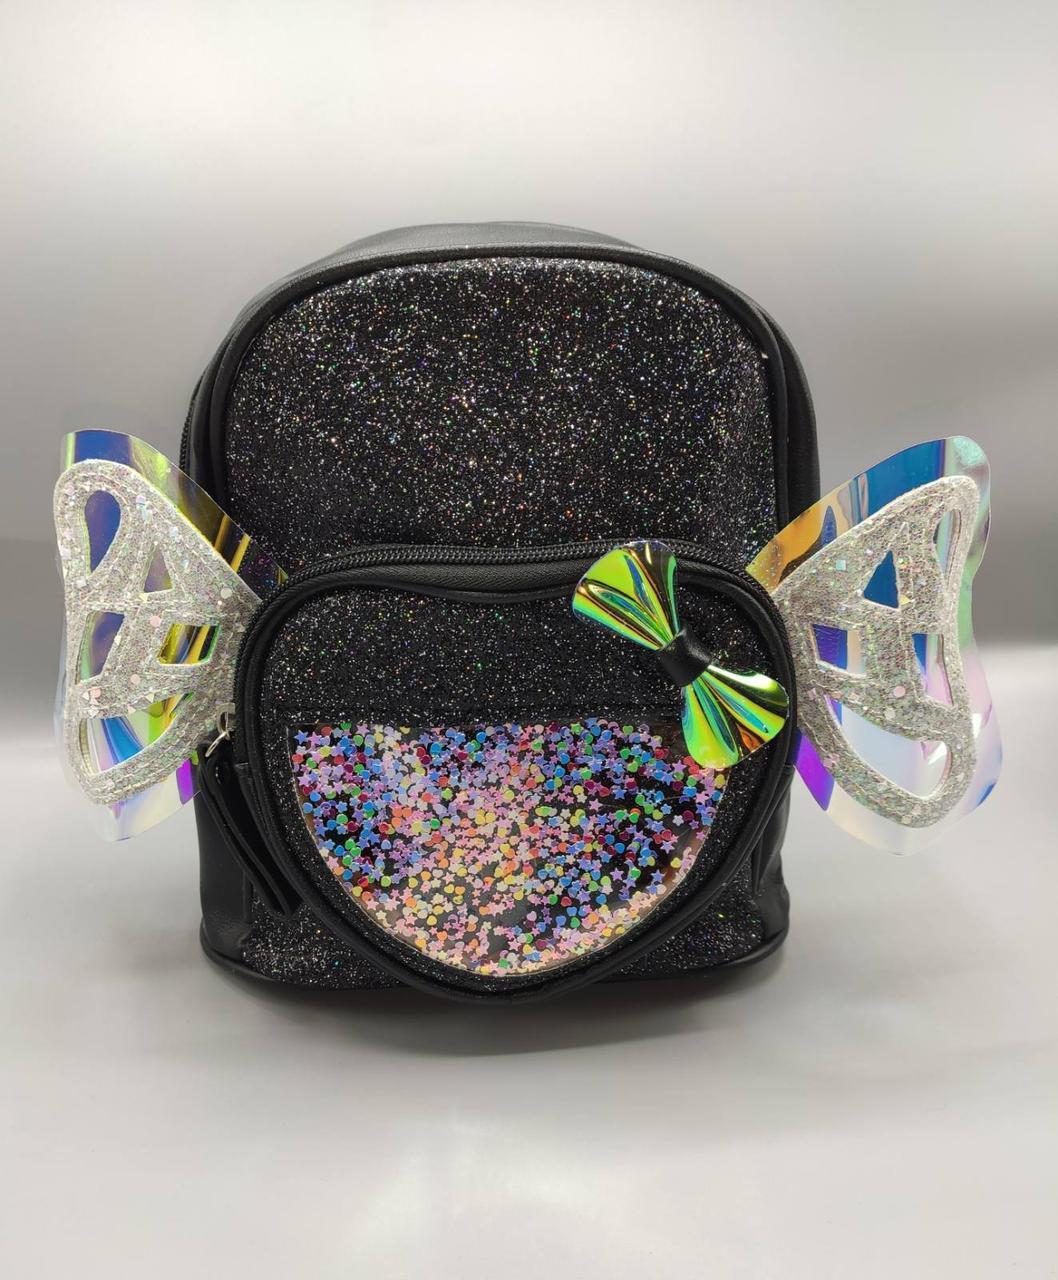 Детский рюкзак с крыльями 4 цвета - черный